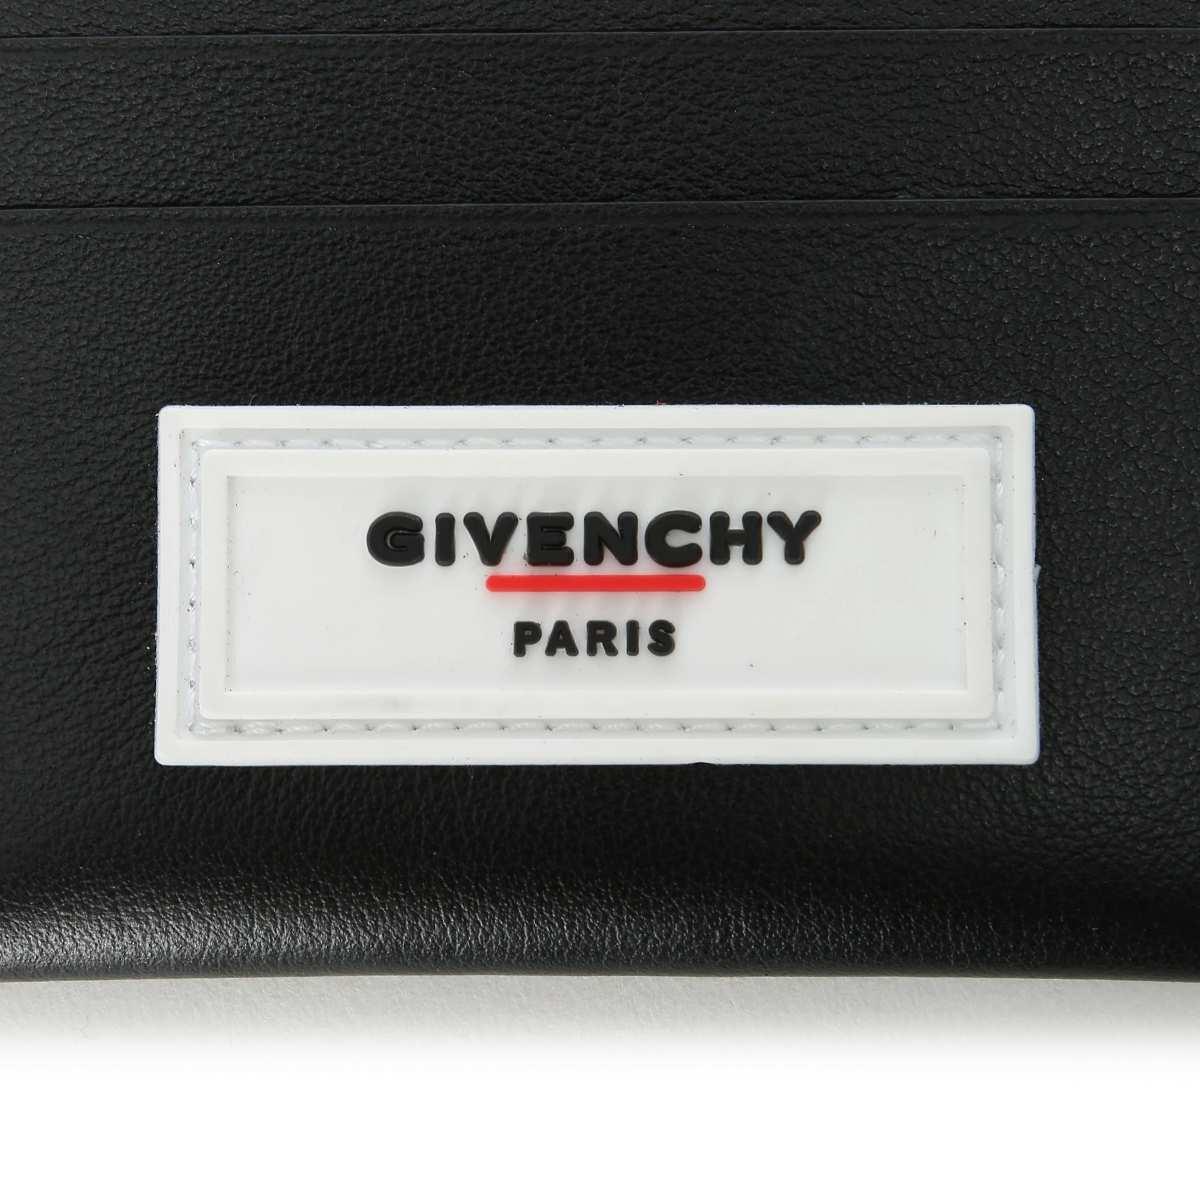 【タイムセール ACCS】GIVENCHY ジバンシー カードケース/CARD HOLDER メンズ